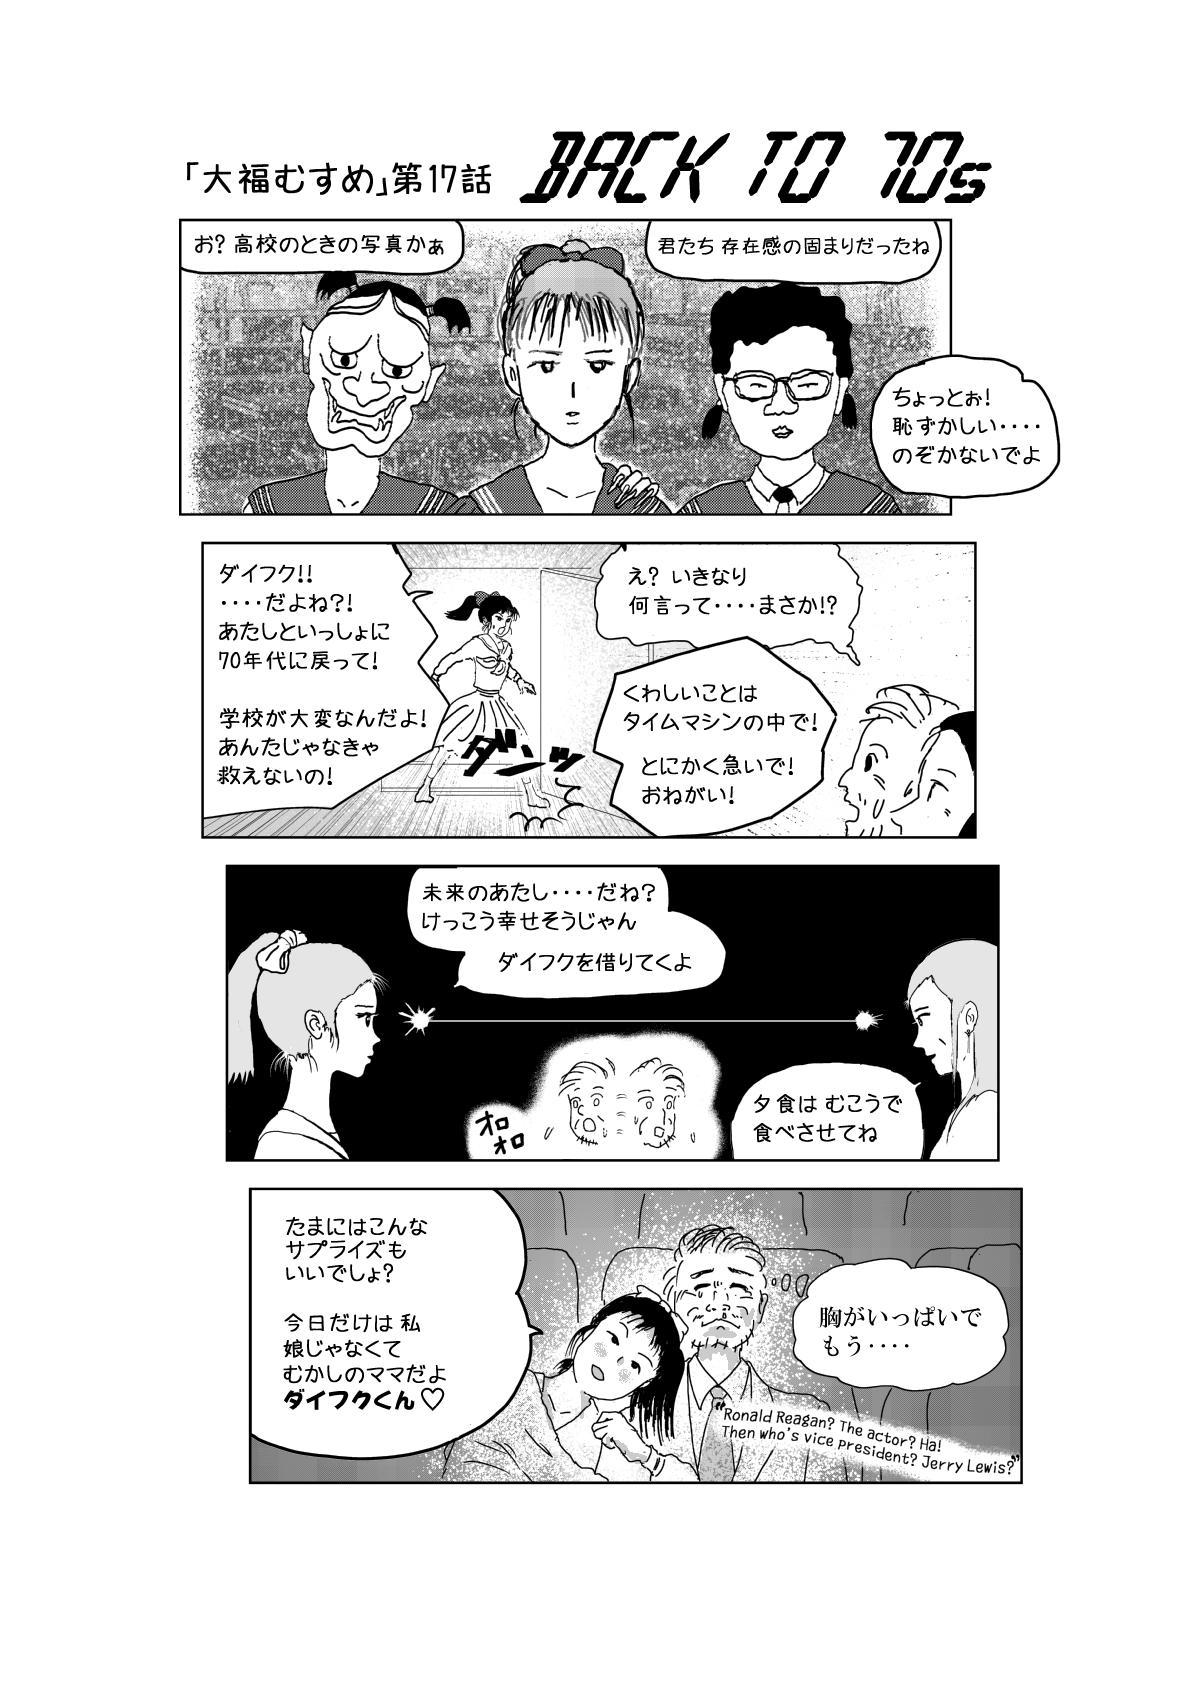 イラストはコジロム作の4コマ漫画「大福むすめ」第17話『バック・トゥ・70s』です。